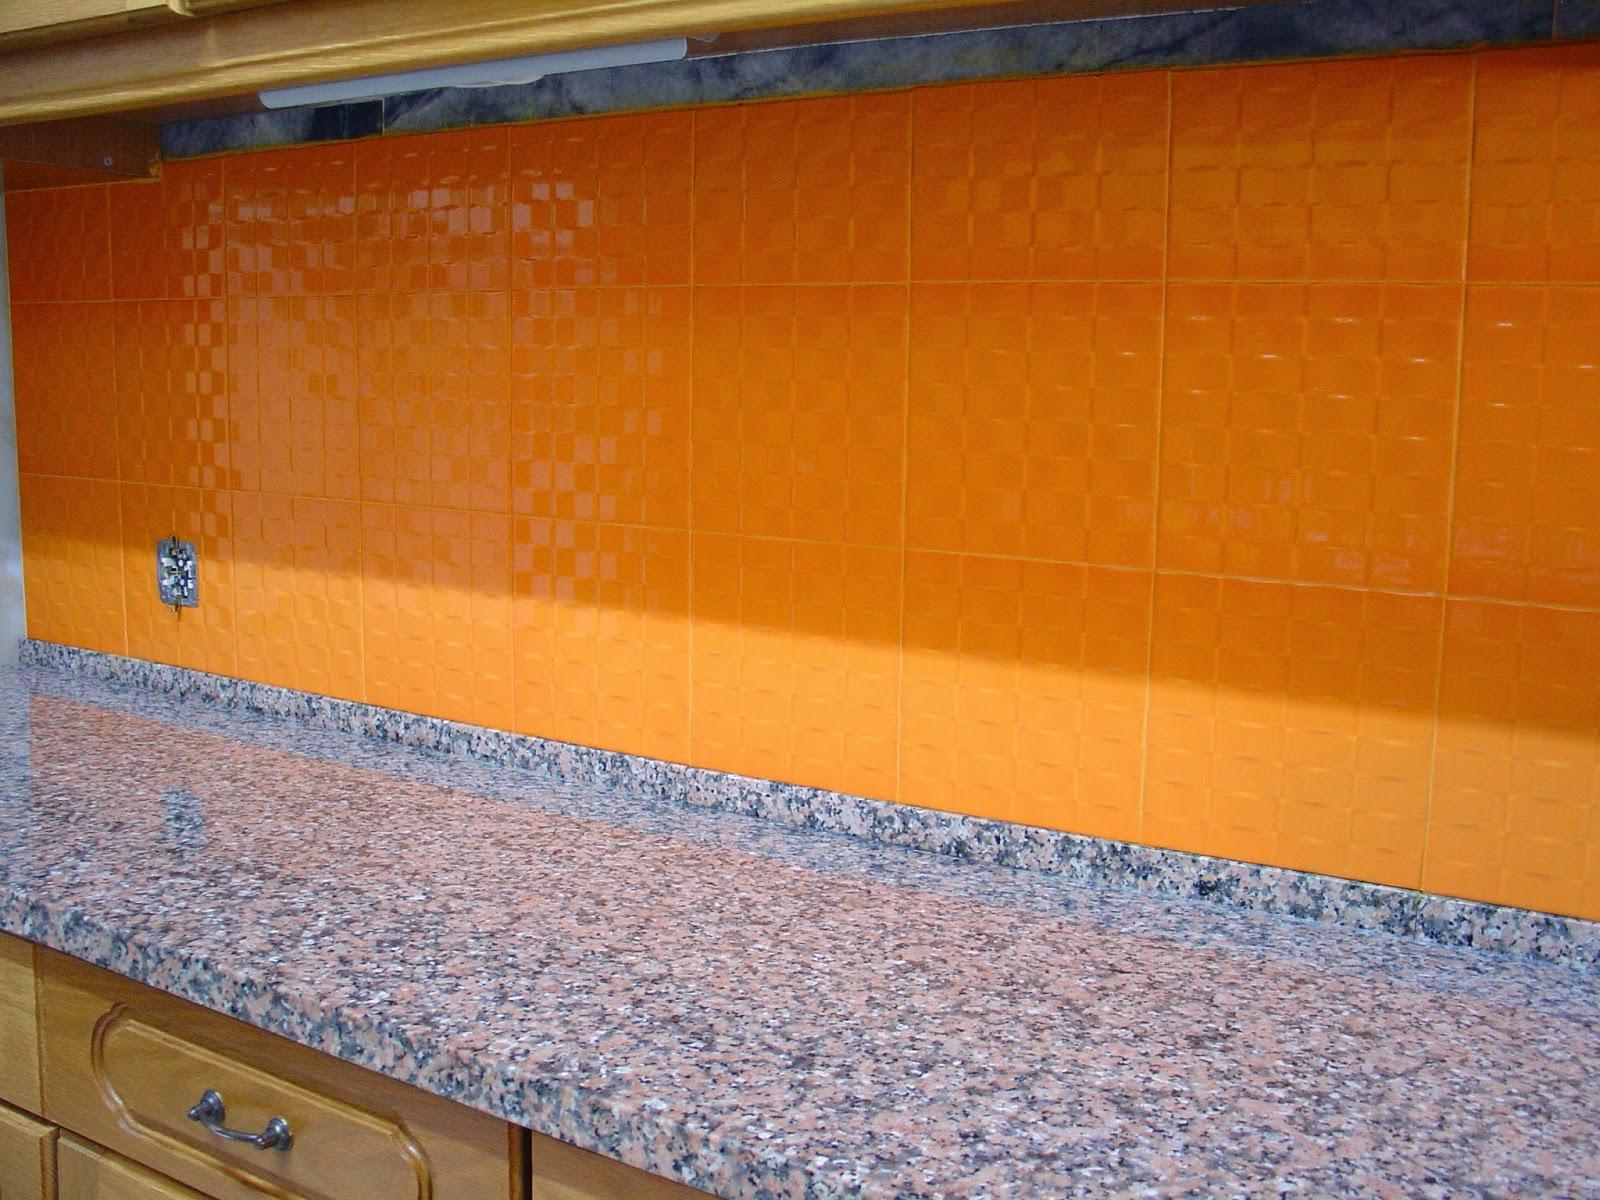 Pintura de azulejos cozinha hello you - Pintura para pintar azulejos ...